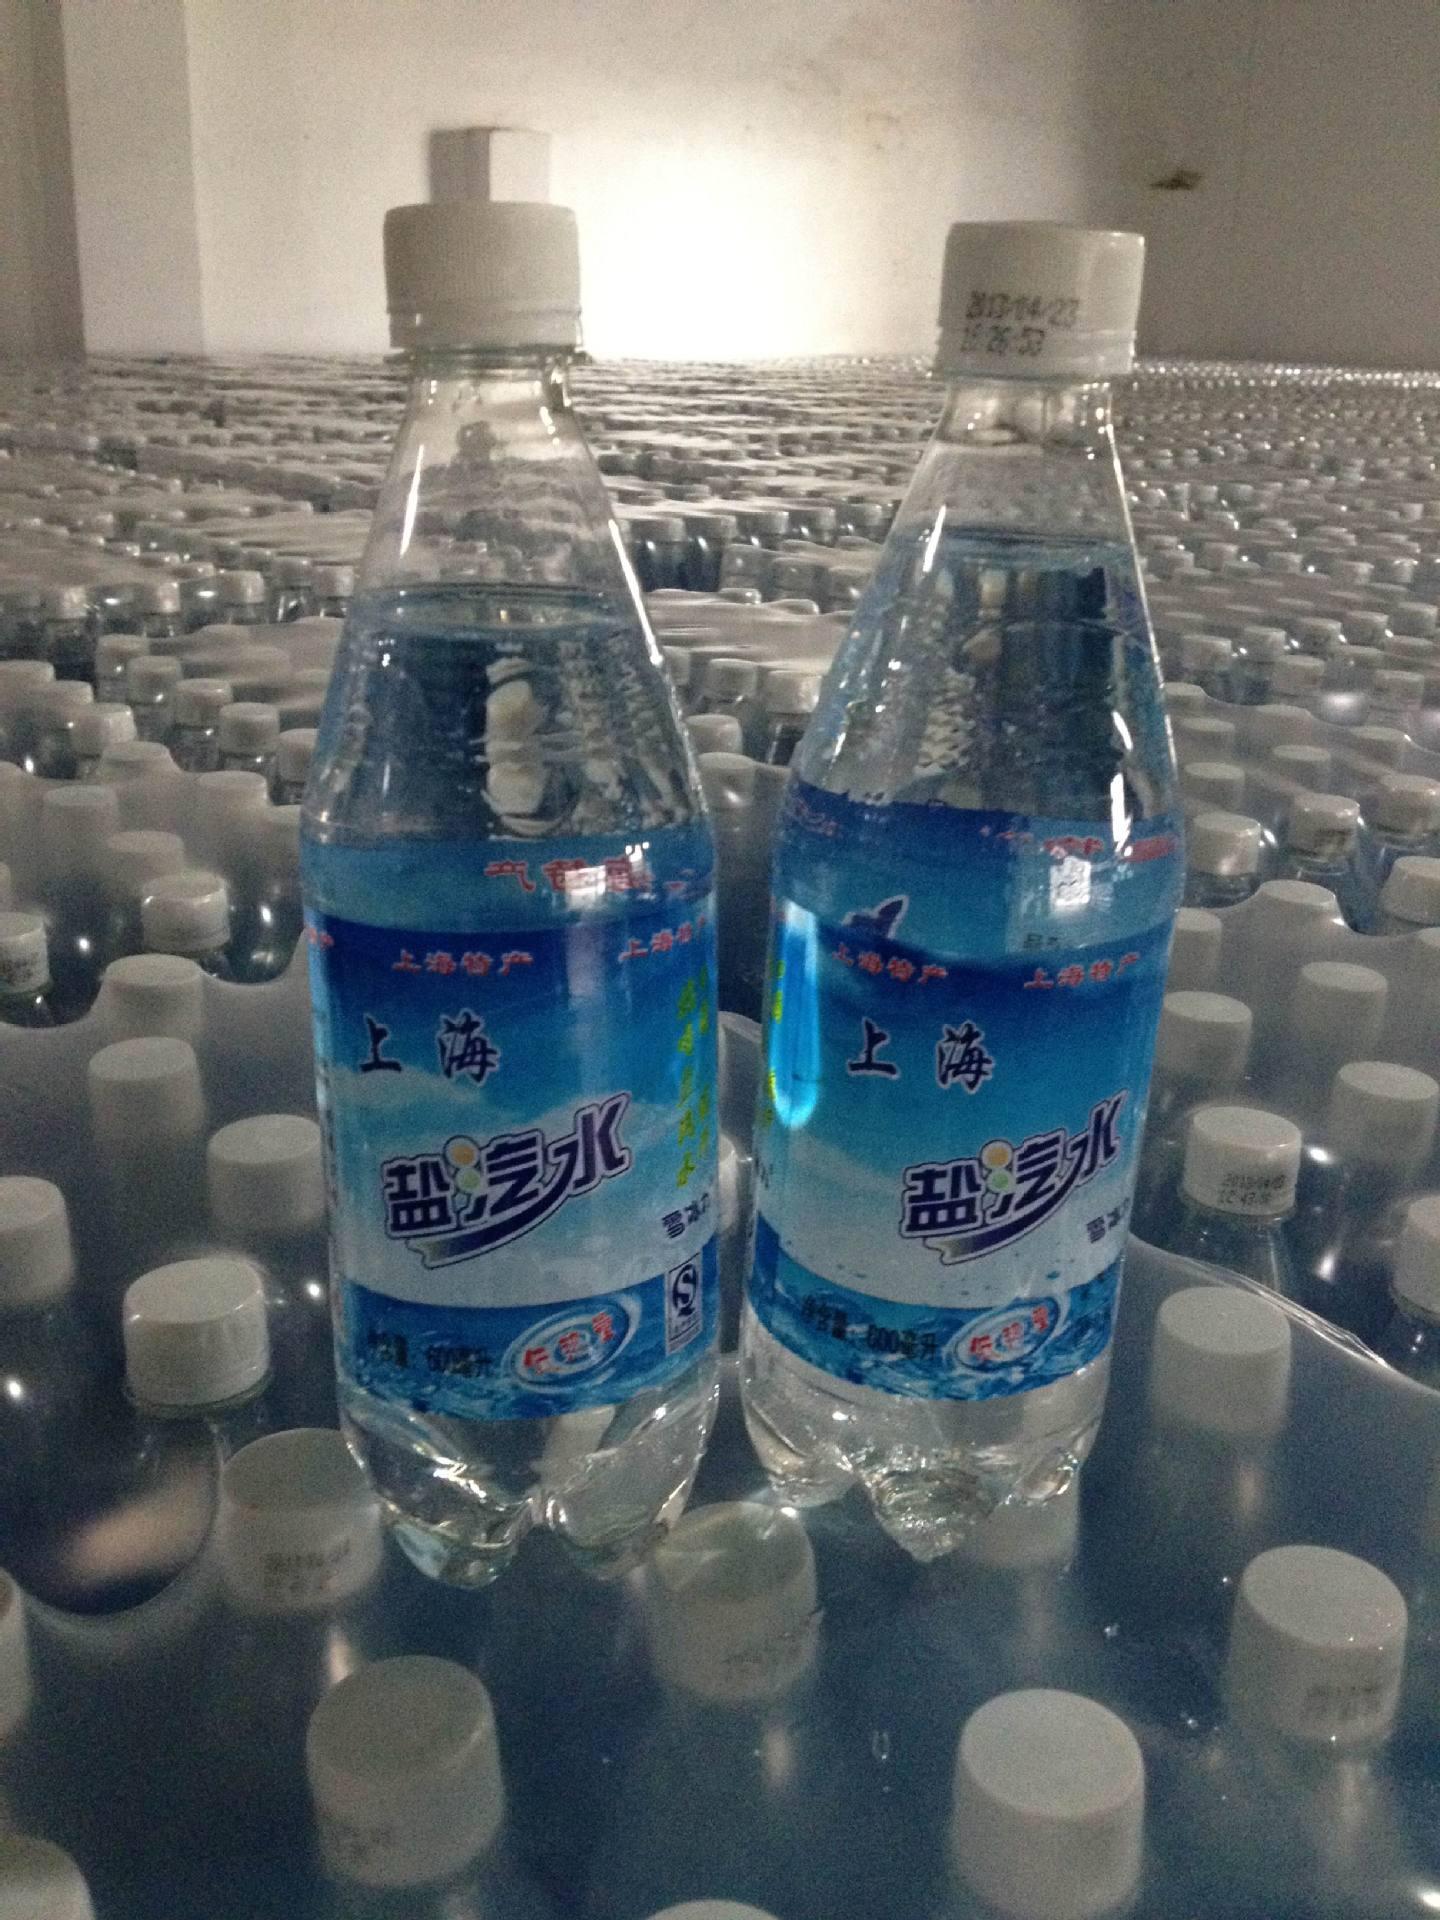 碳酸饮料 盐汽水,上海牌盐汽水 厂家直销,质量保证 防暑降温当然之